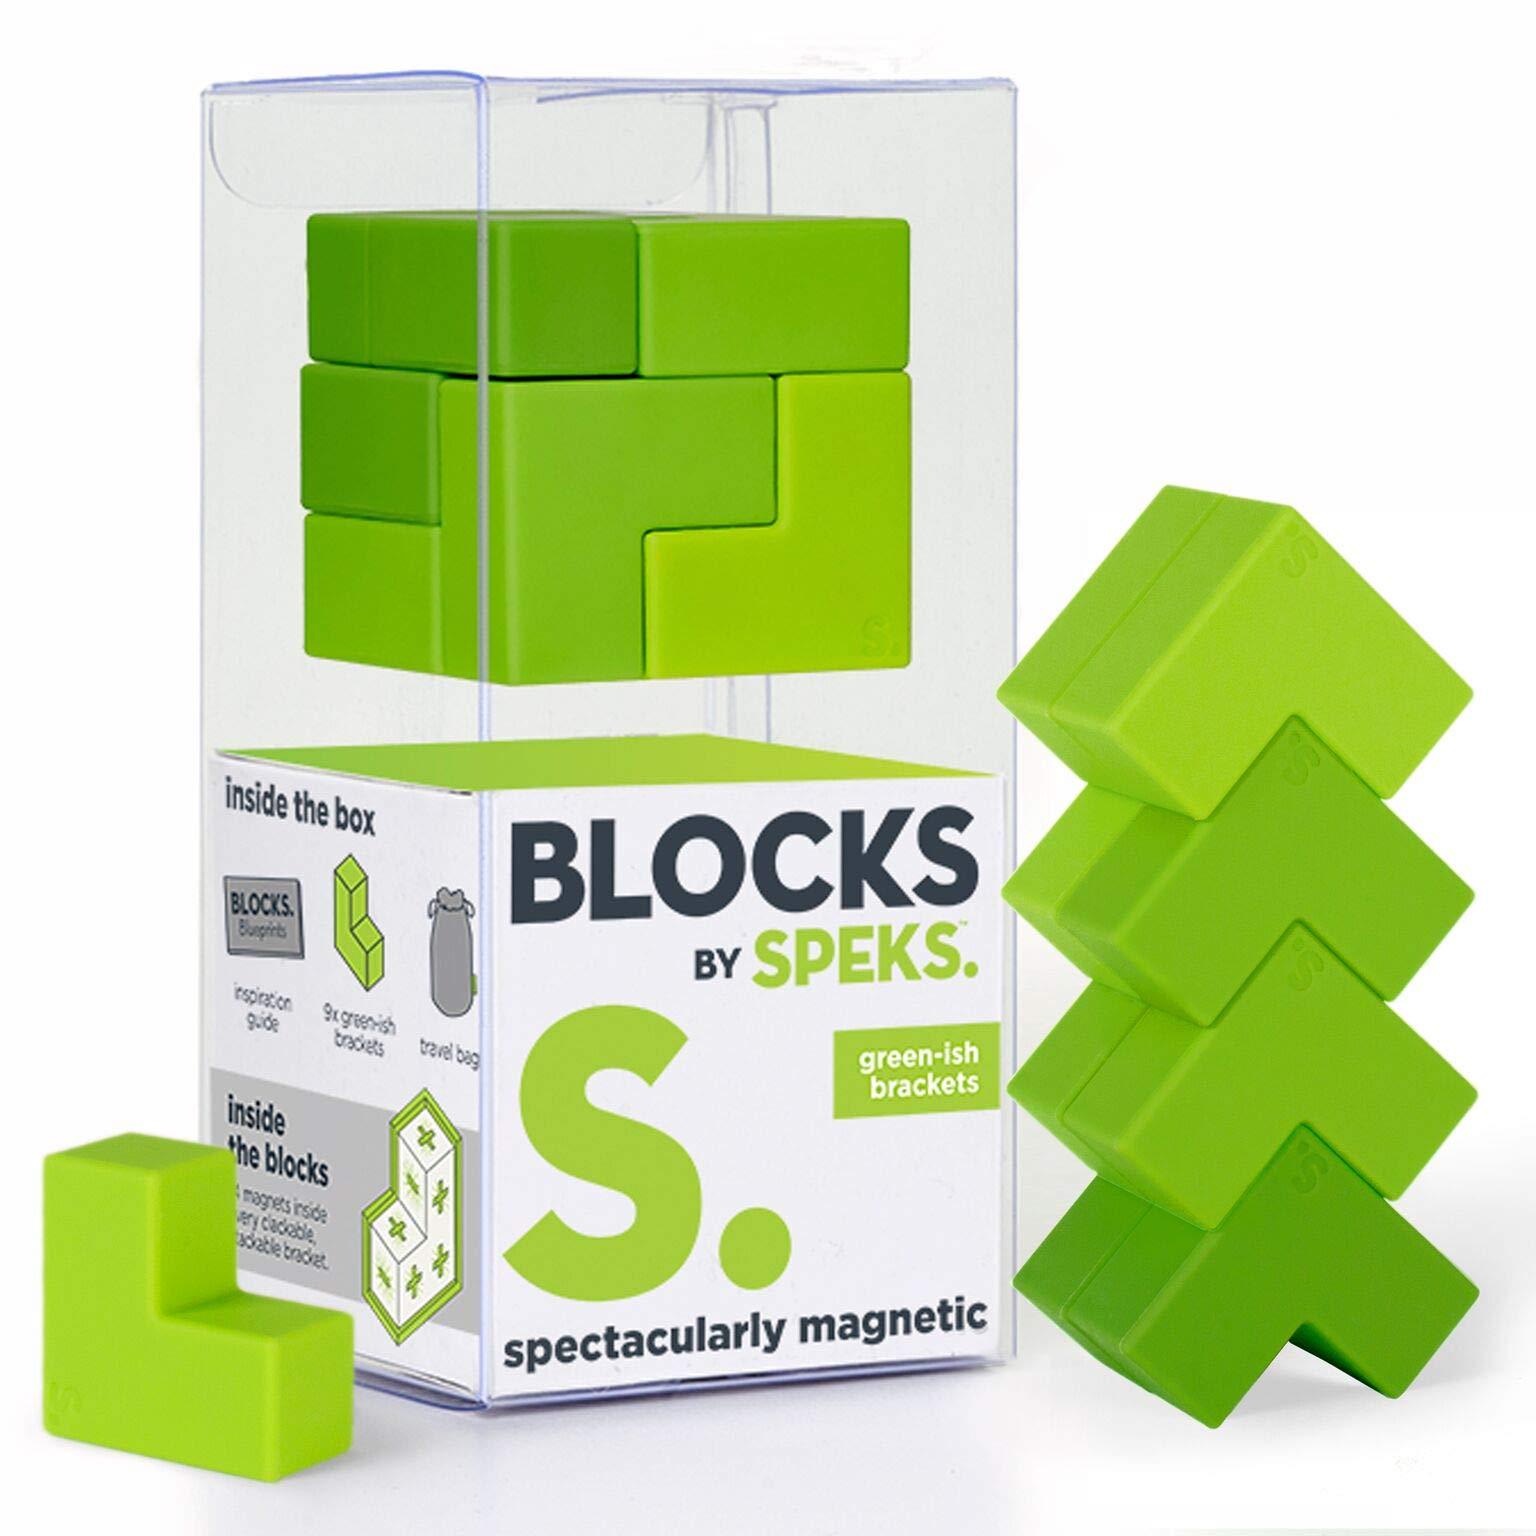 Speks Blocks Brackets. Magnetic Blocks for Adults. The World's Best Desk Toys. by Speks